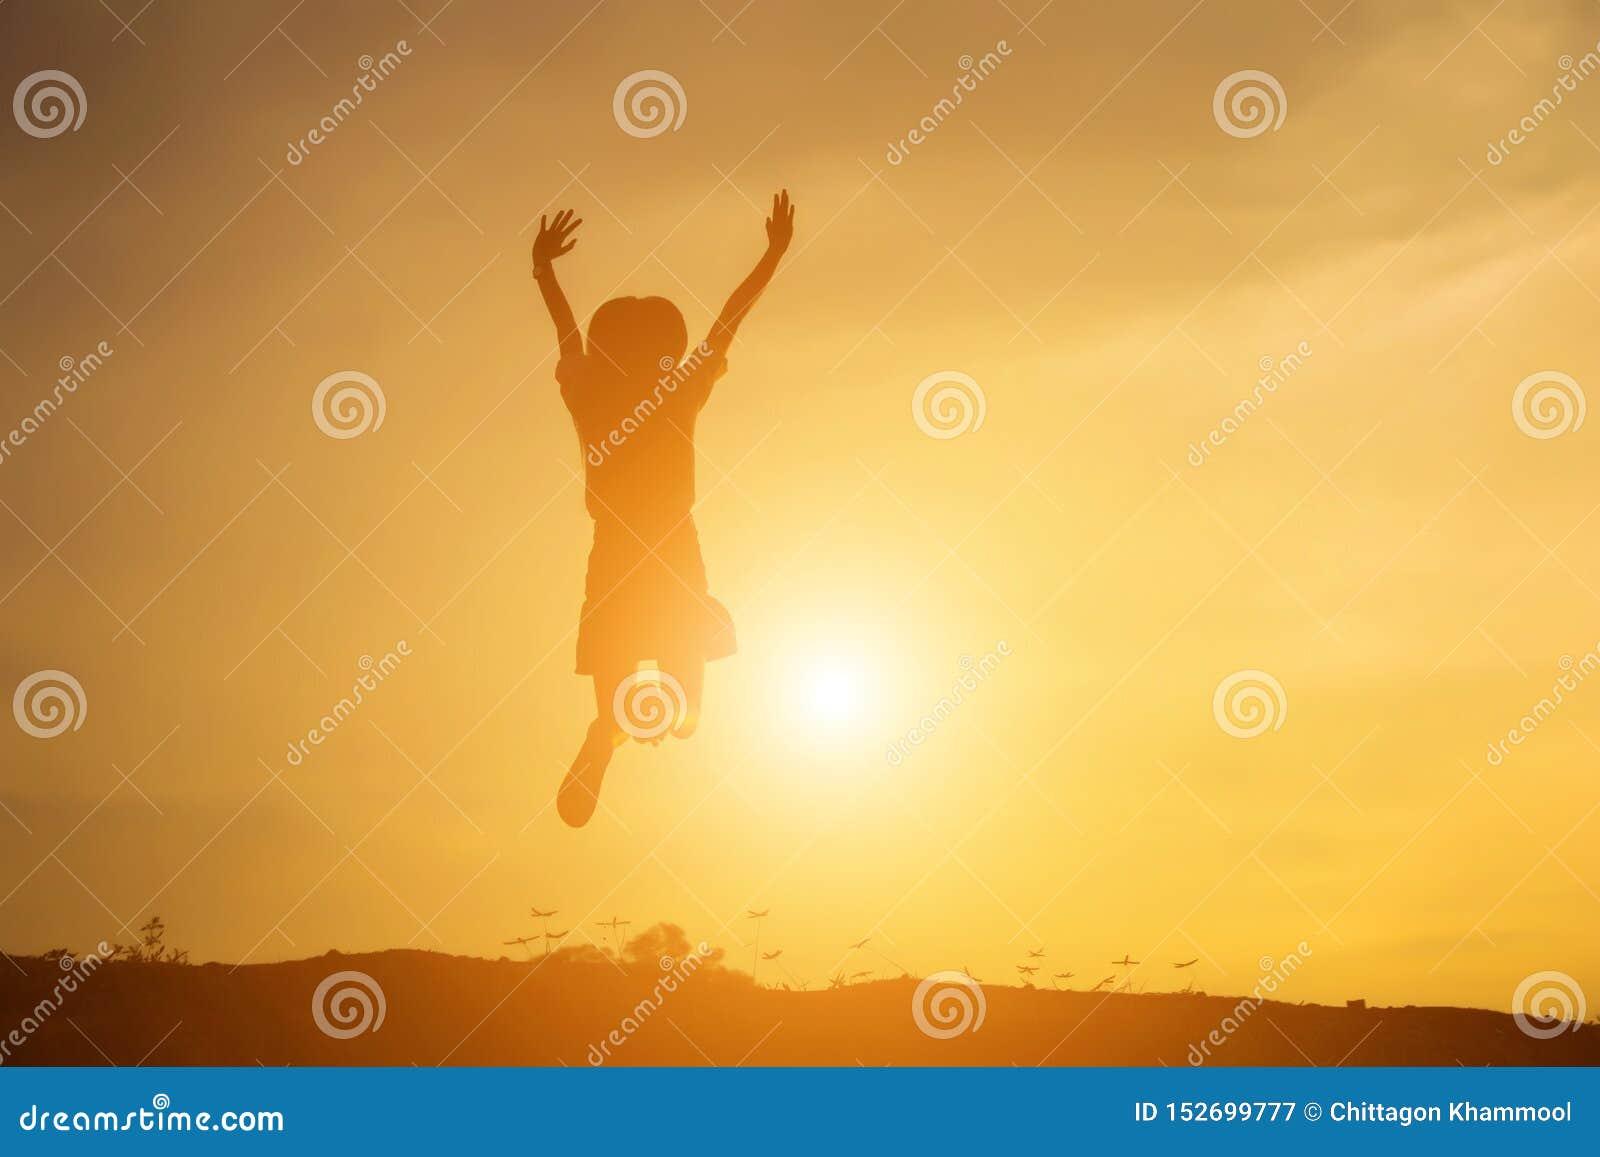 De jonge vrouw heft omhoog handen voor haar succes, Concept op Succes in het leven